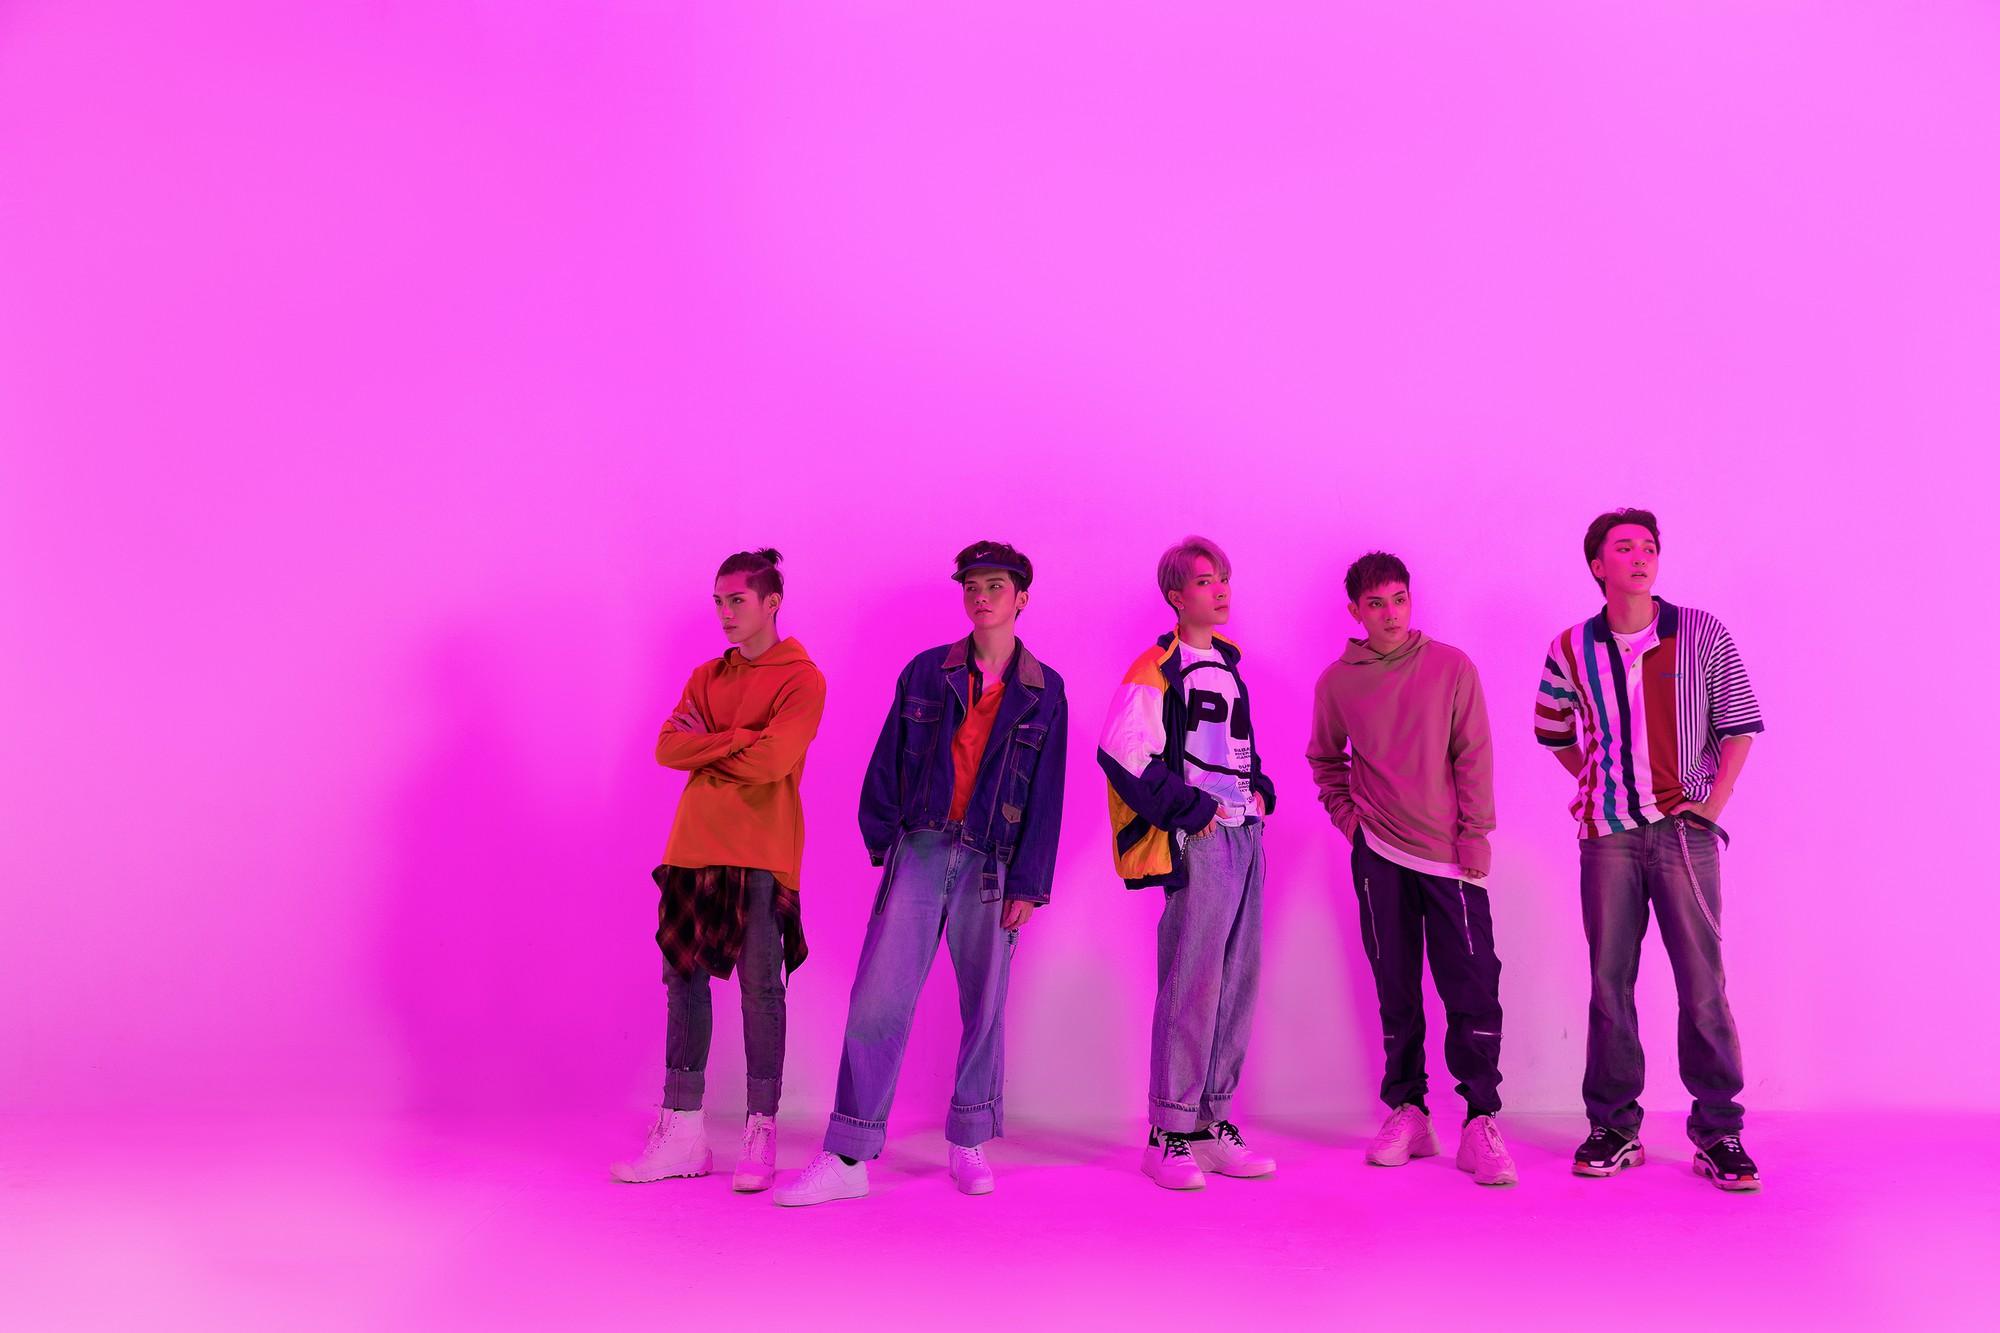 Monstar hoàn tất đội hình 5 thành viên, tổ chức đám cưới ảo diệu trên sao Hoả trong MV mới - Ảnh 10.